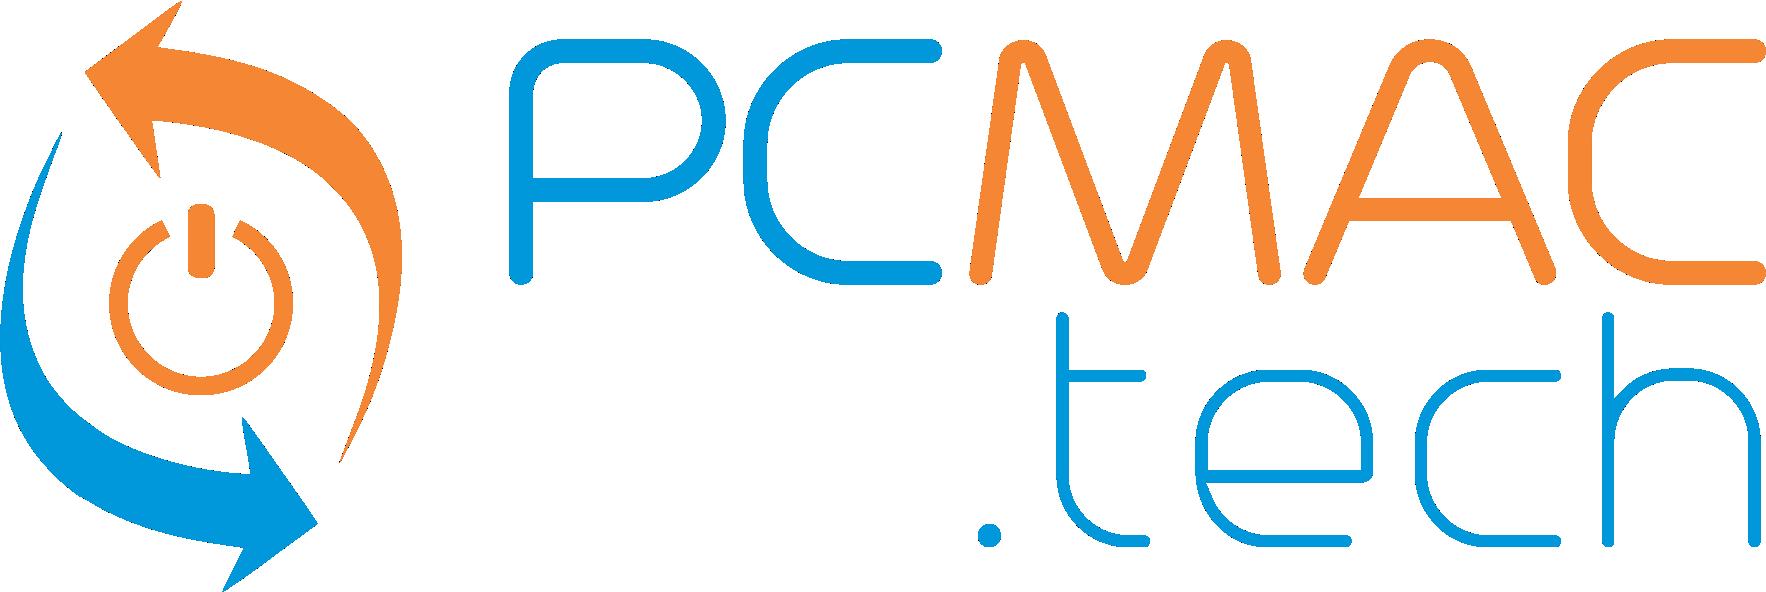 PCMAC.tech